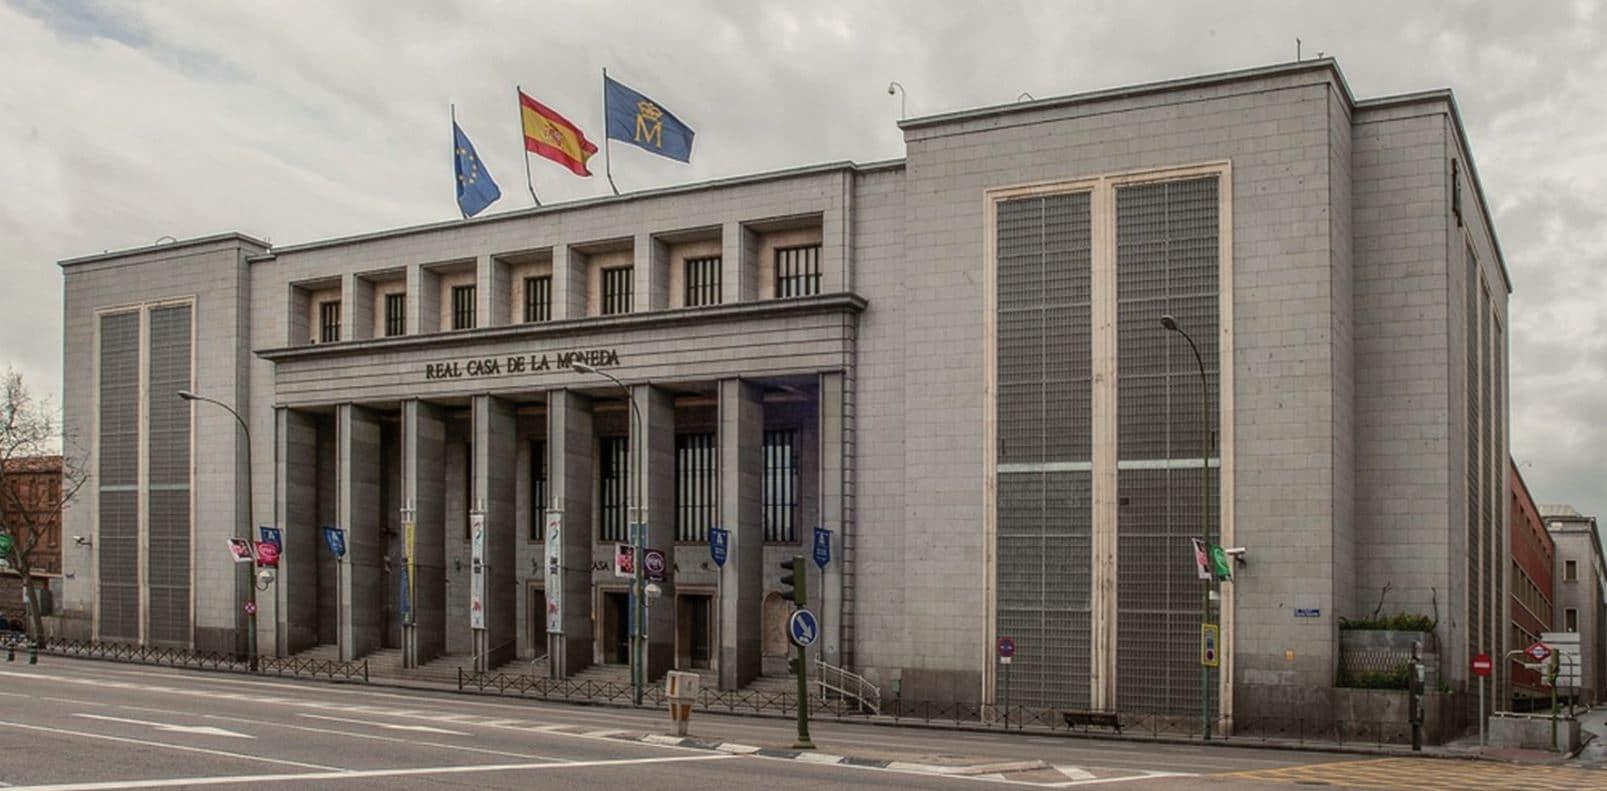 Museo de la Moneda en Madrid